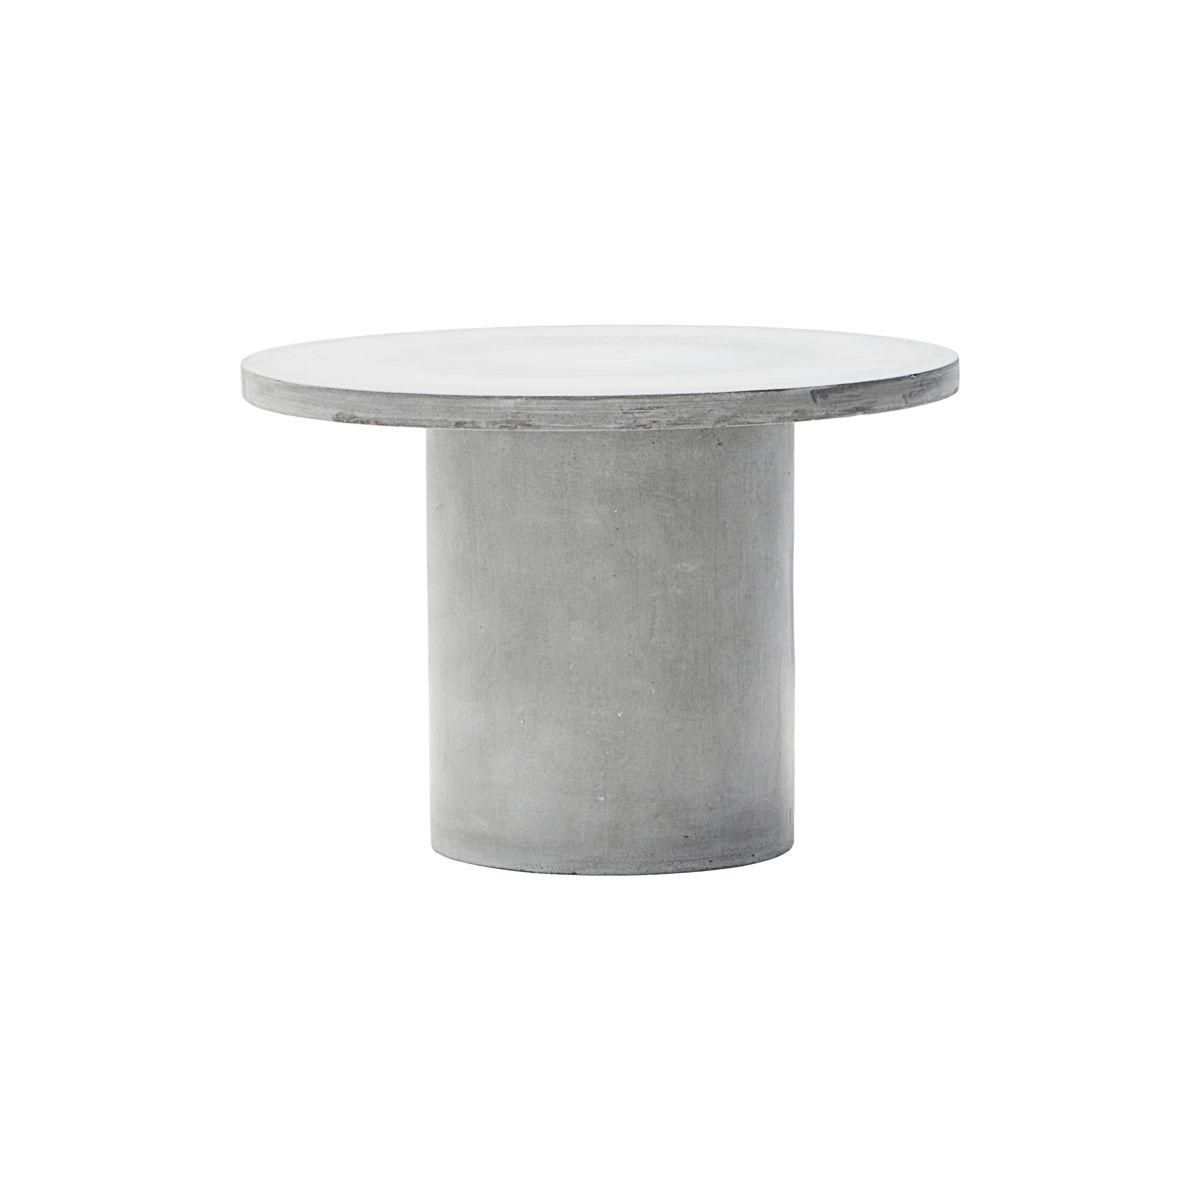 house doctor – House doctor gallery sofabord - grå cement (ø 65) fra boboonline.dk